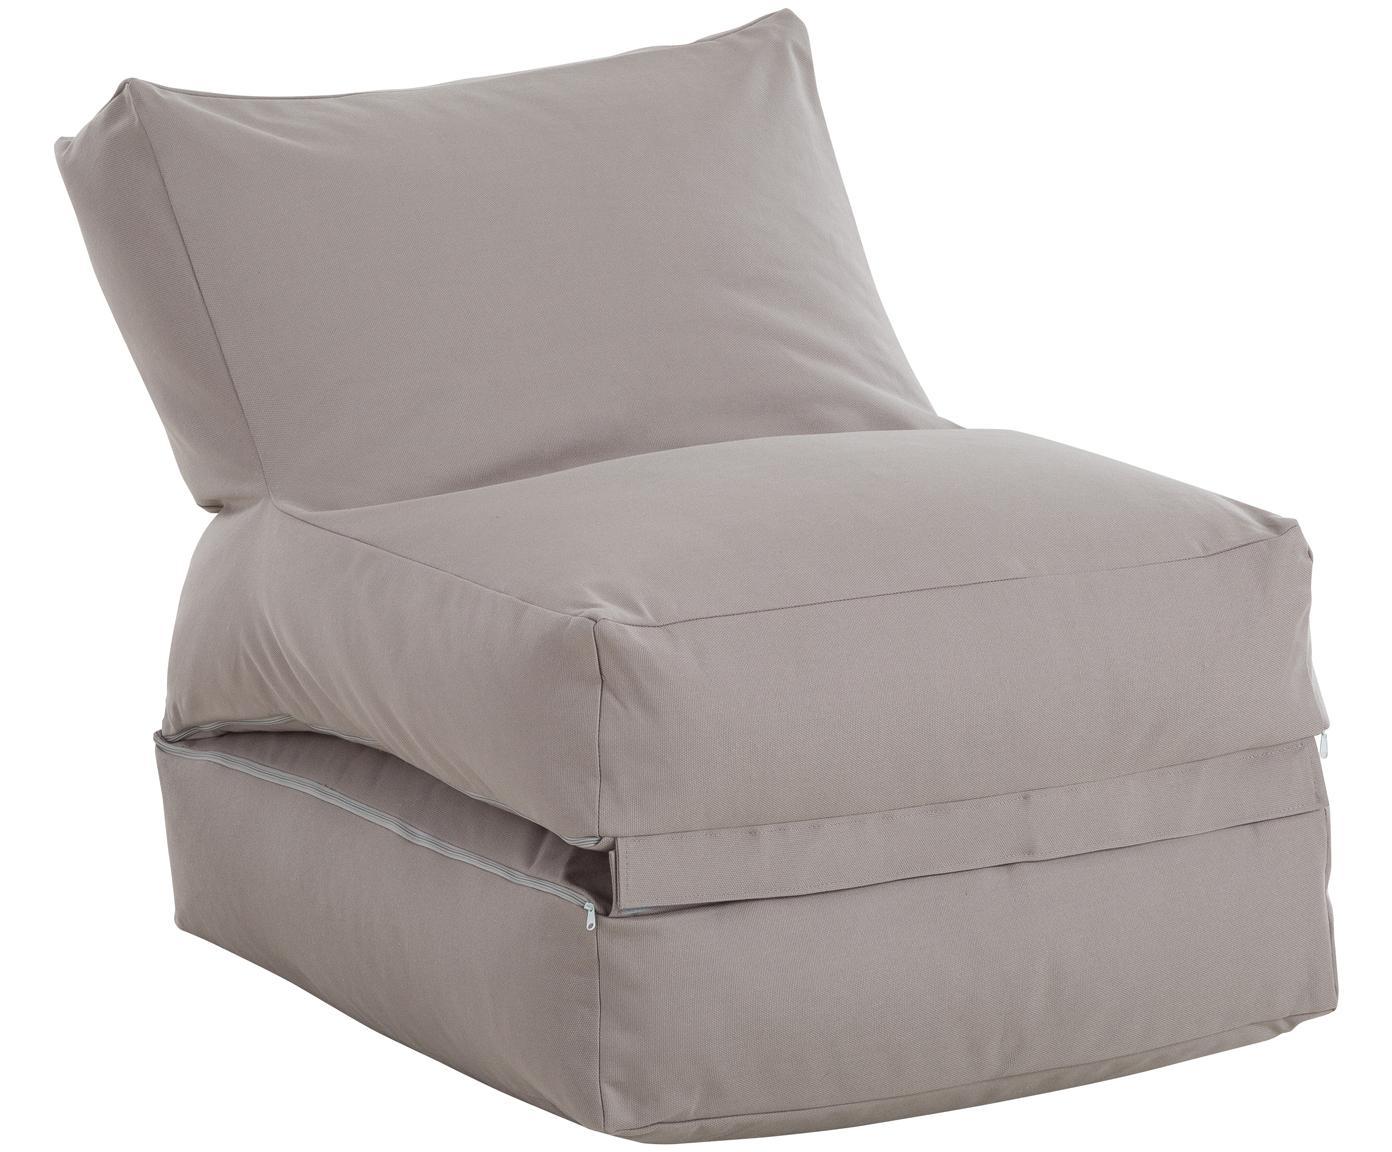 Sillón de jardín Twist, reclinable, Gris, An 70 x F 80 cm